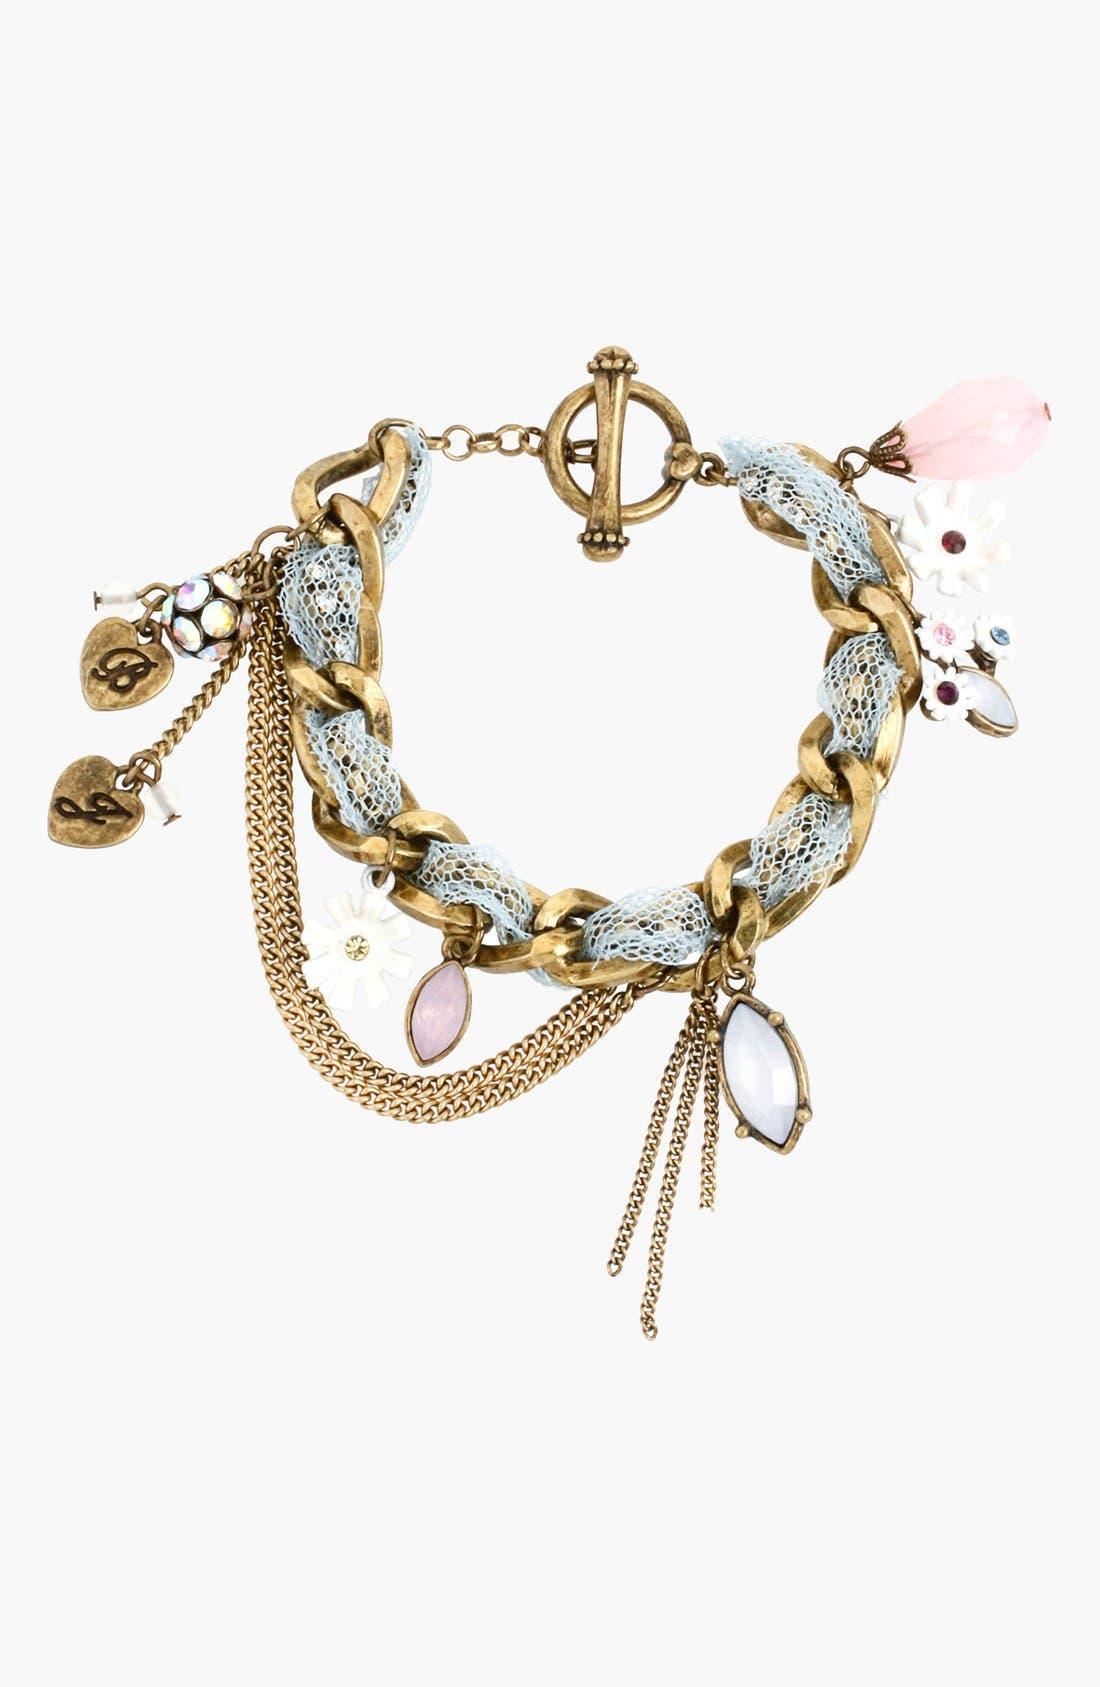 Alternate Image 1 Selected - Betsey Johnson 'Girlie Grunge' Charm Bracelet